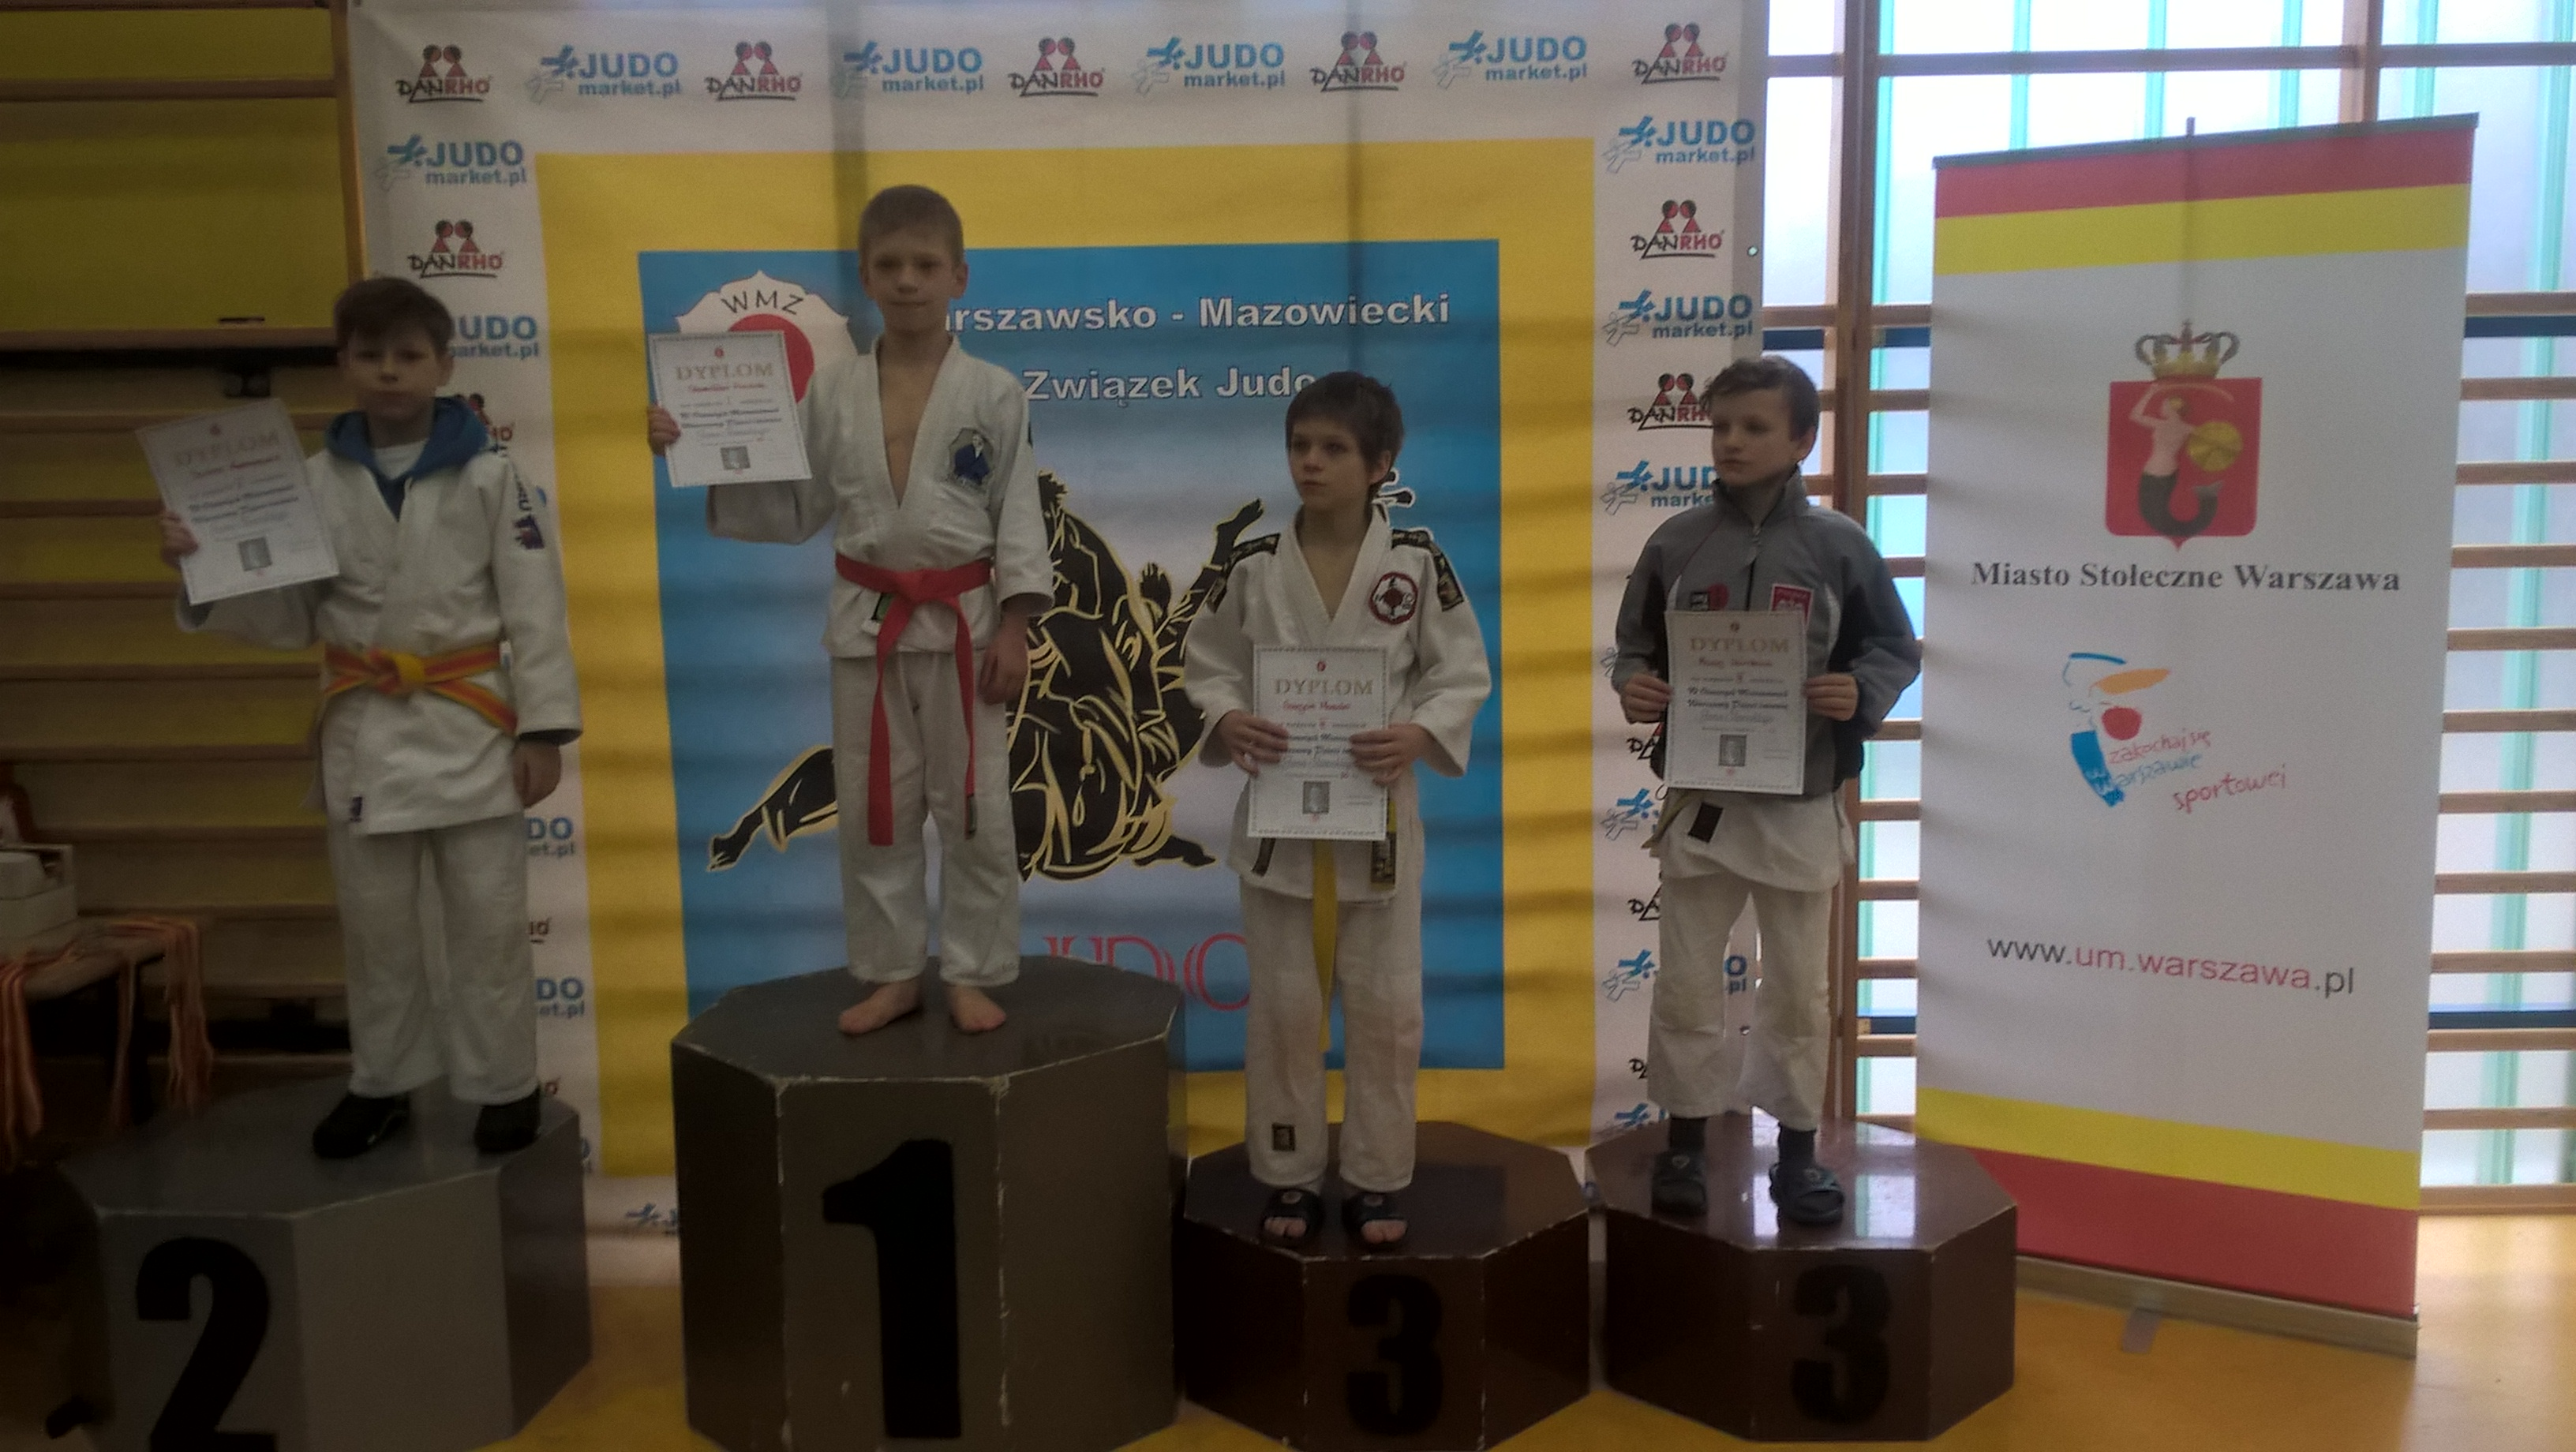 Ryś - Klub Judo Ryś - judo dla dzieci, judo sportowe, zajęcia